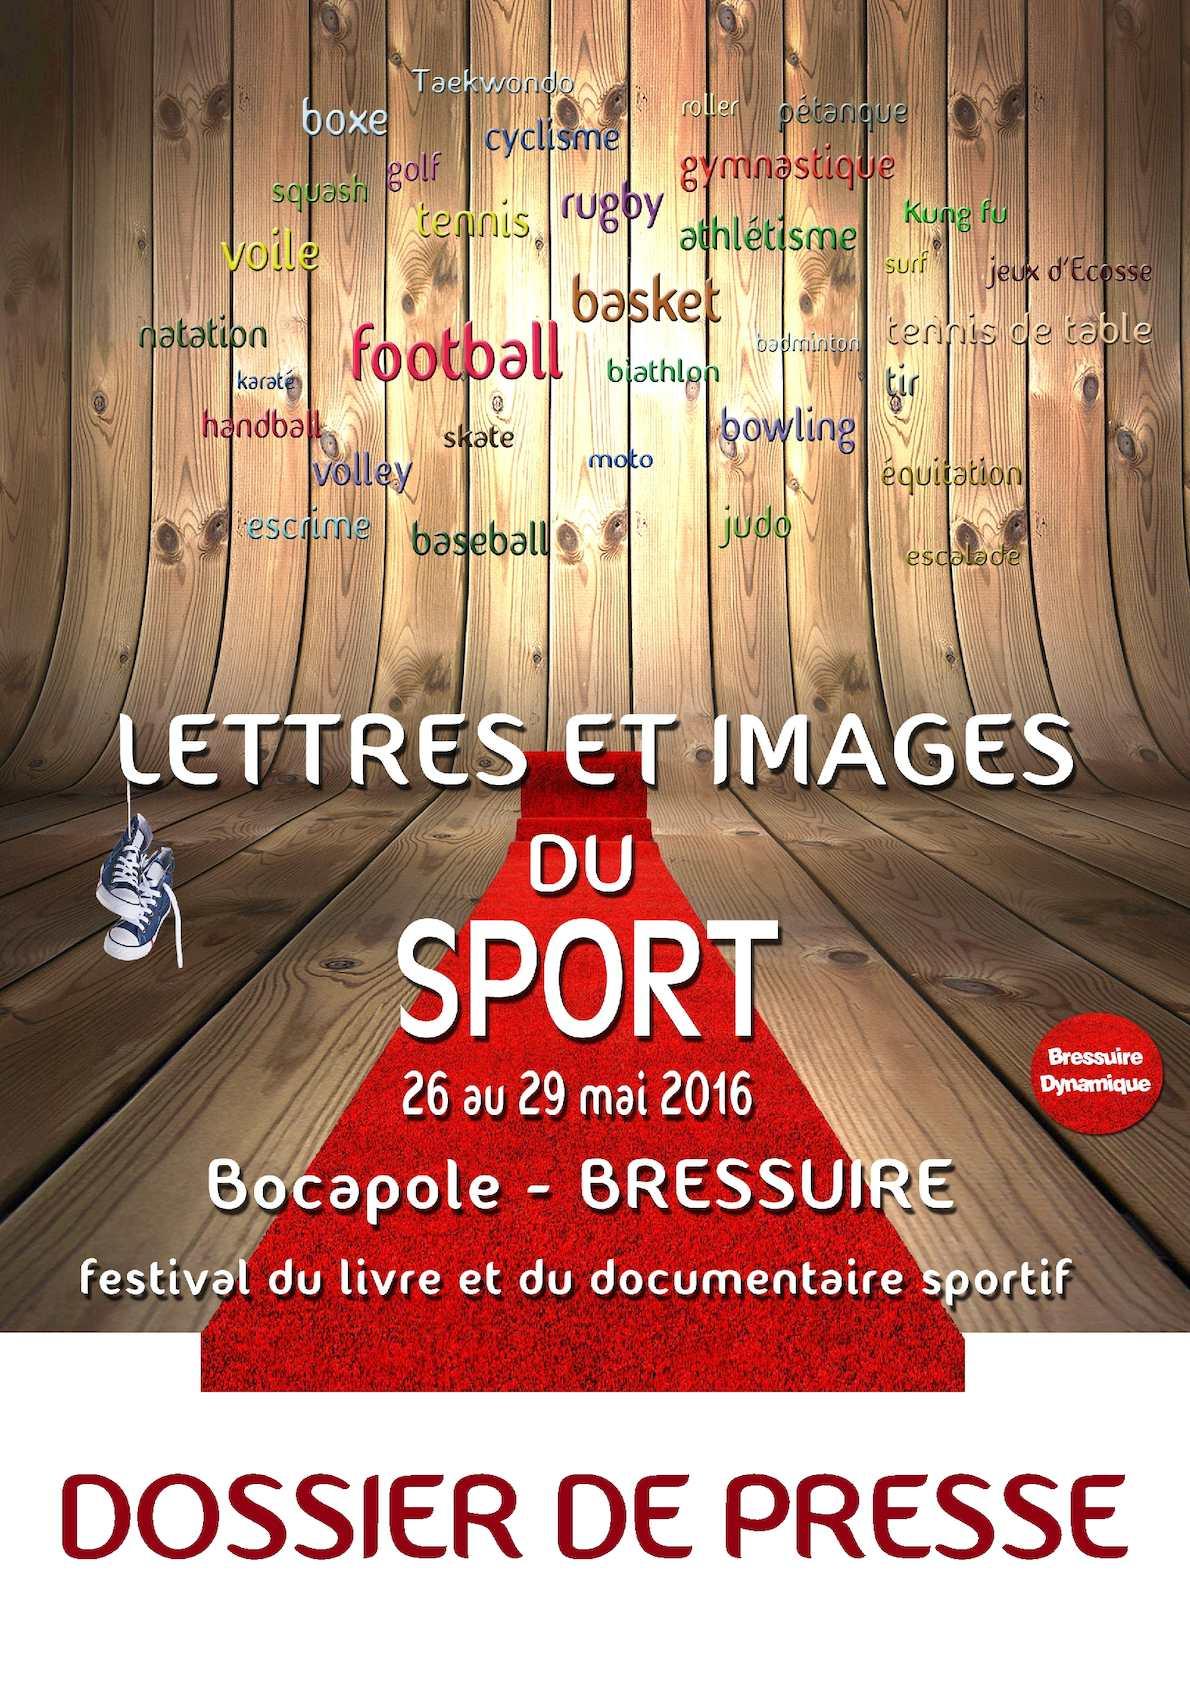 Calaméo - Dossier De Presse Lettres Et Images Du Sport 9773e332636